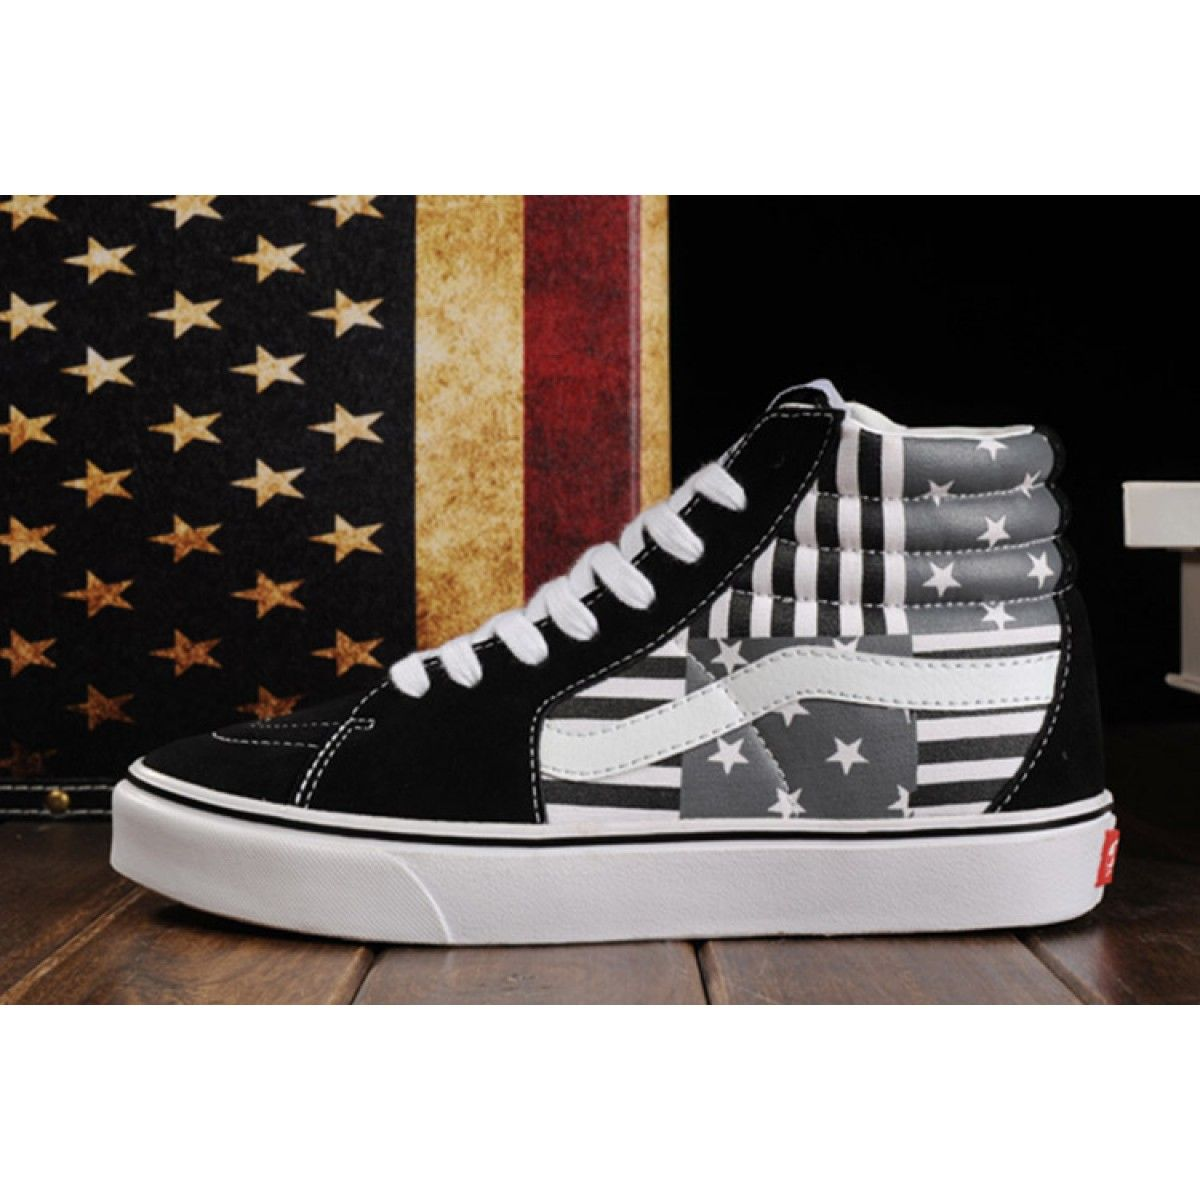 c69001583c17 Limited Edition Black Vans American FLag Beckham SK8 Hi Skateboard Shoes   Vans